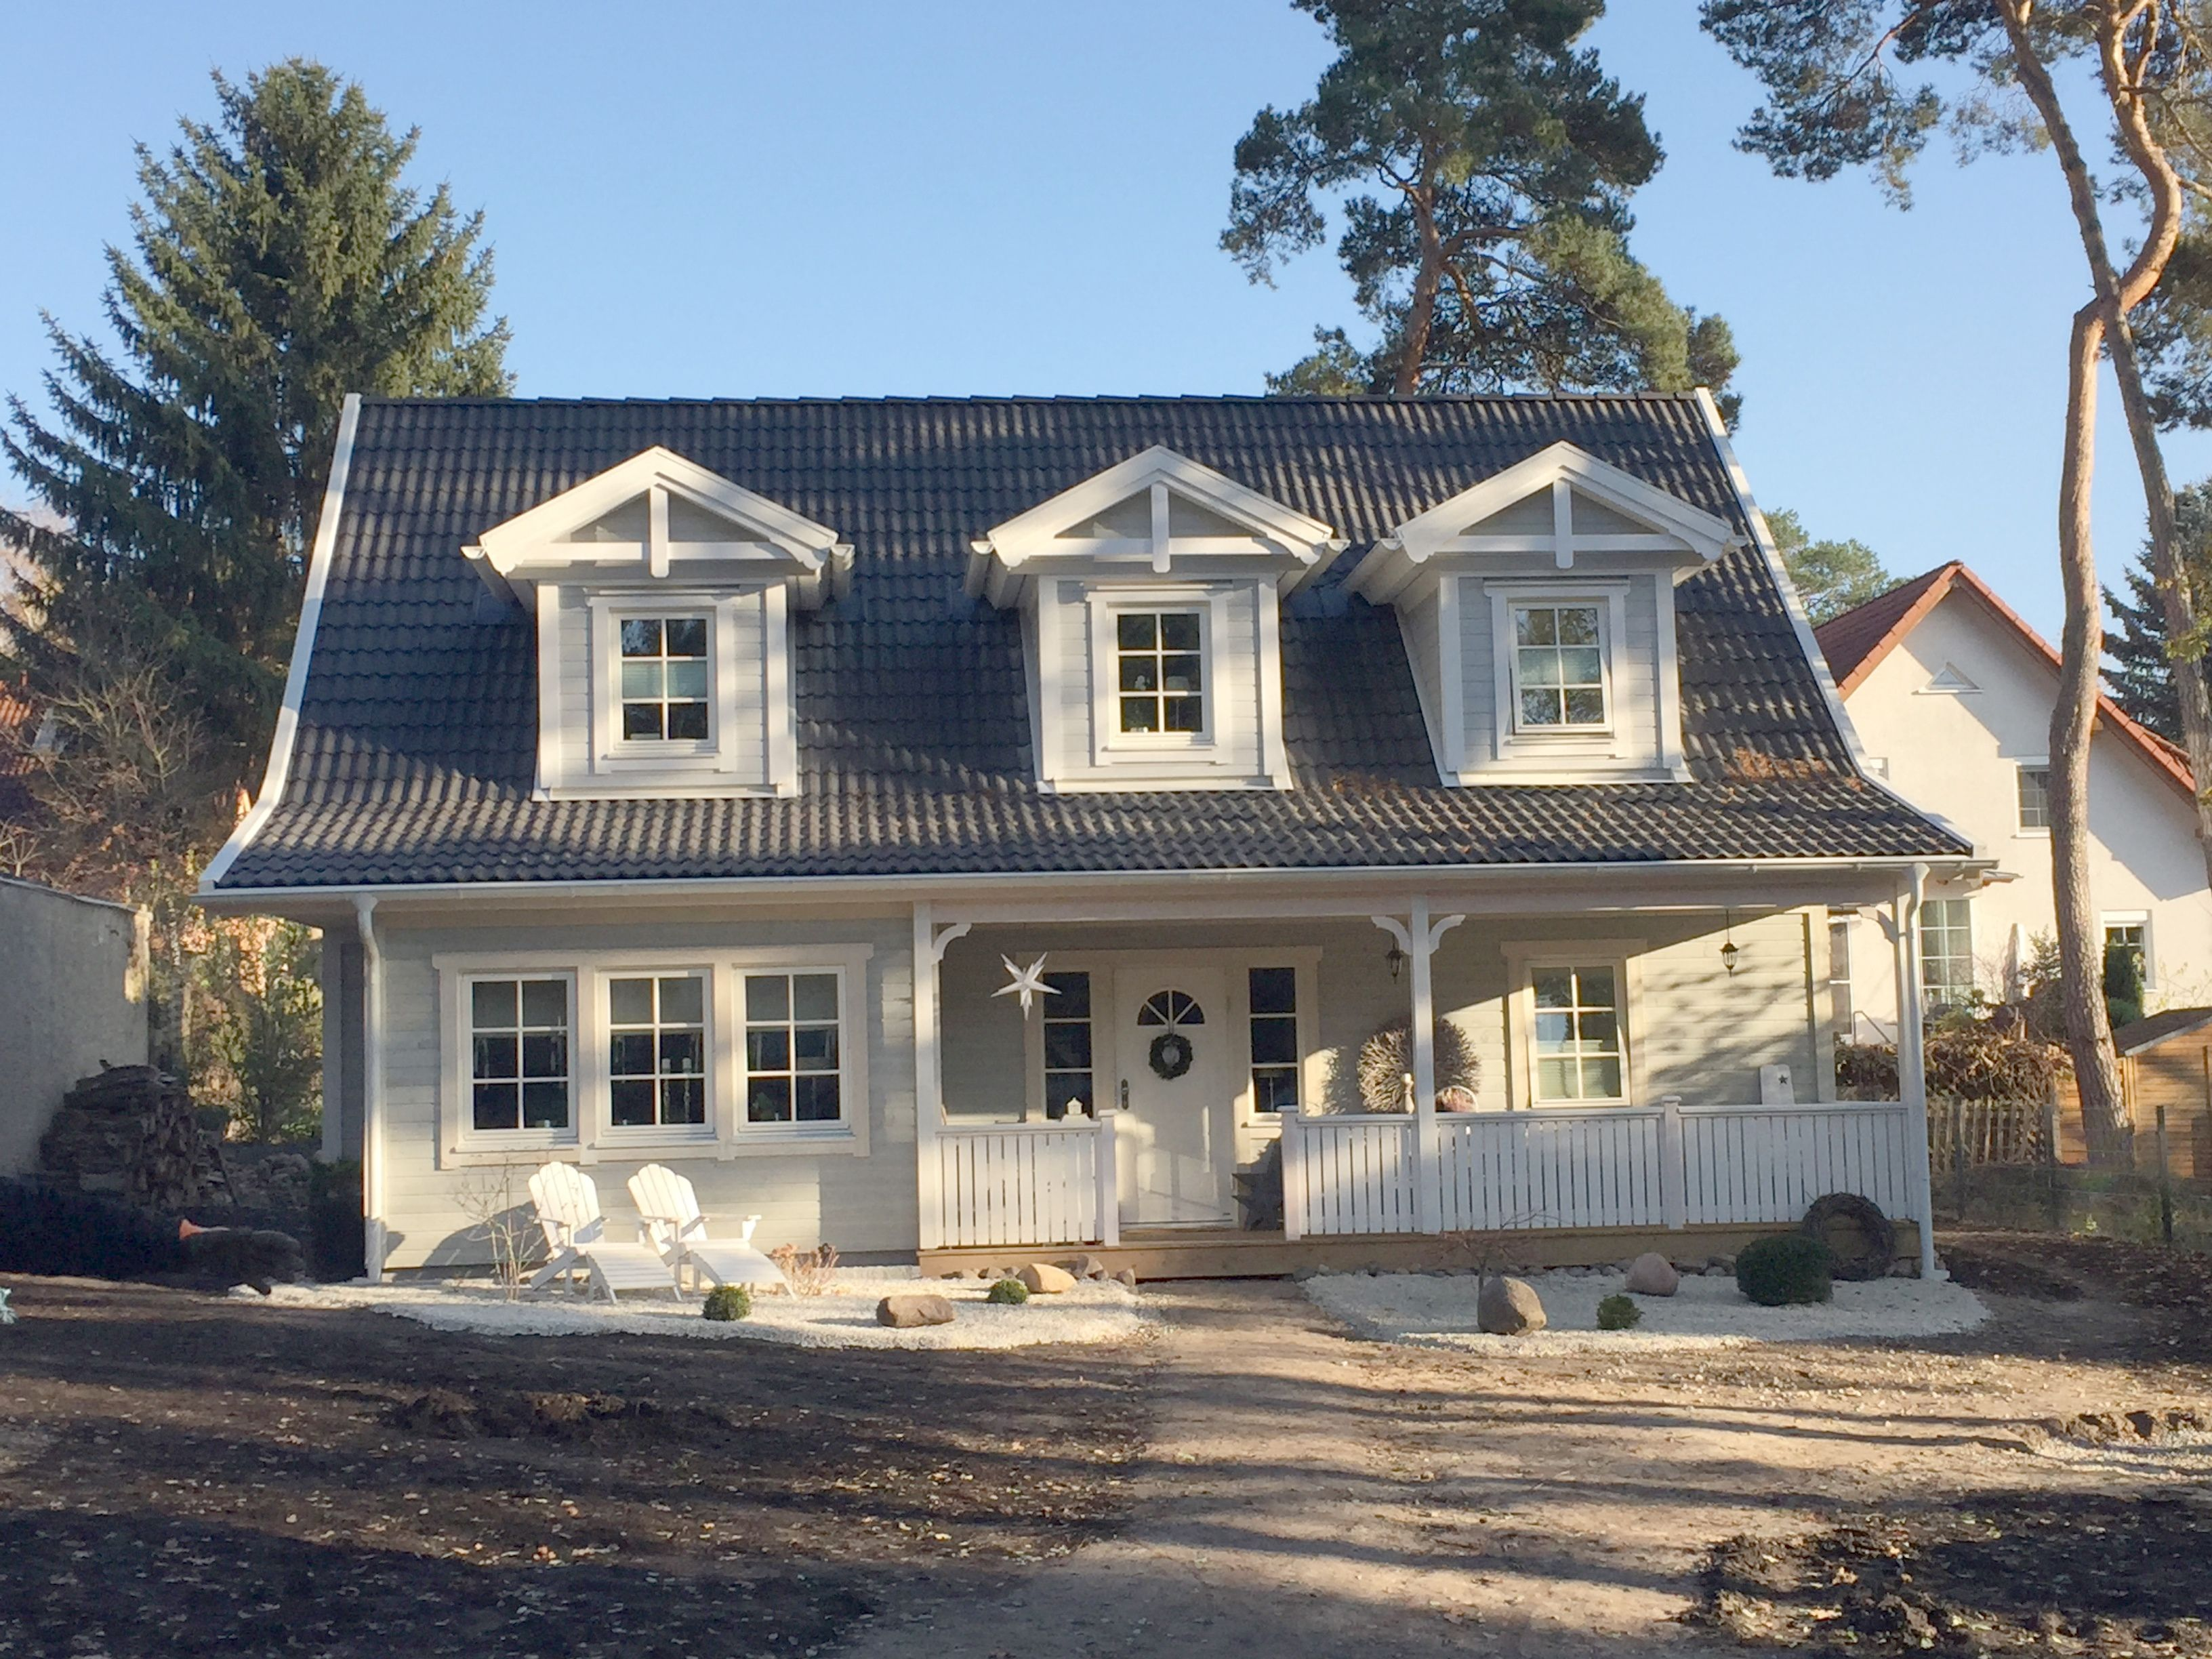 Wir leben in einem schwedenhaus new england stil mit porch www